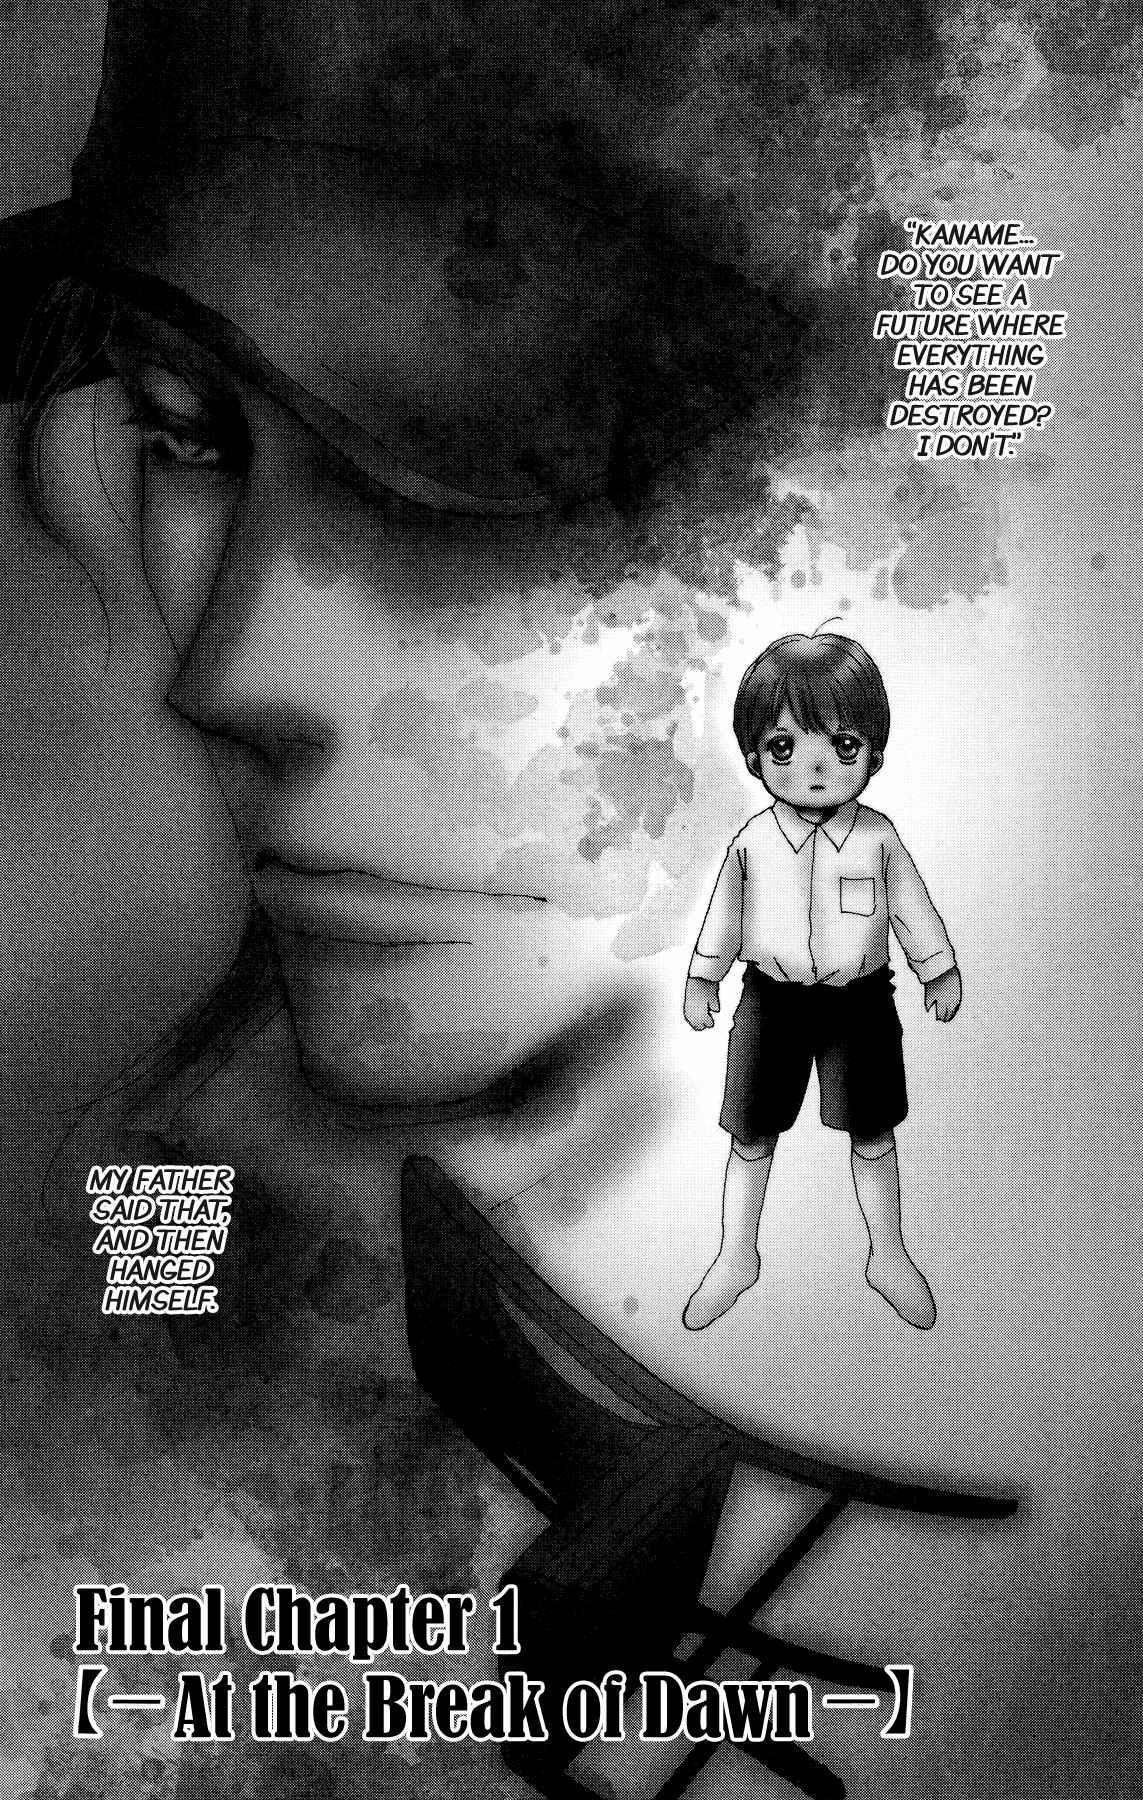 https://img2.nineanime.com/comics/pic2/0/960/776245/7d3f2fed7faf3501554970cd3c0d724e.jpg Page 1